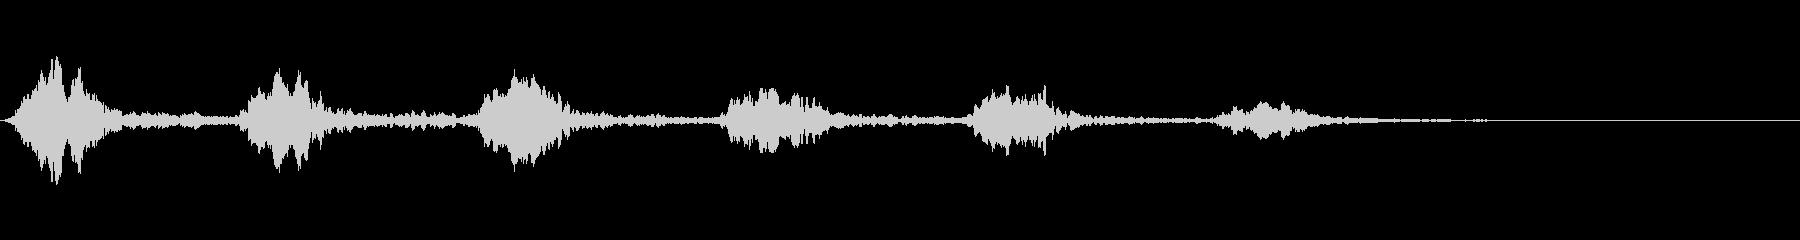 カァカァカァ カラスの鳴き声の未再生の波形